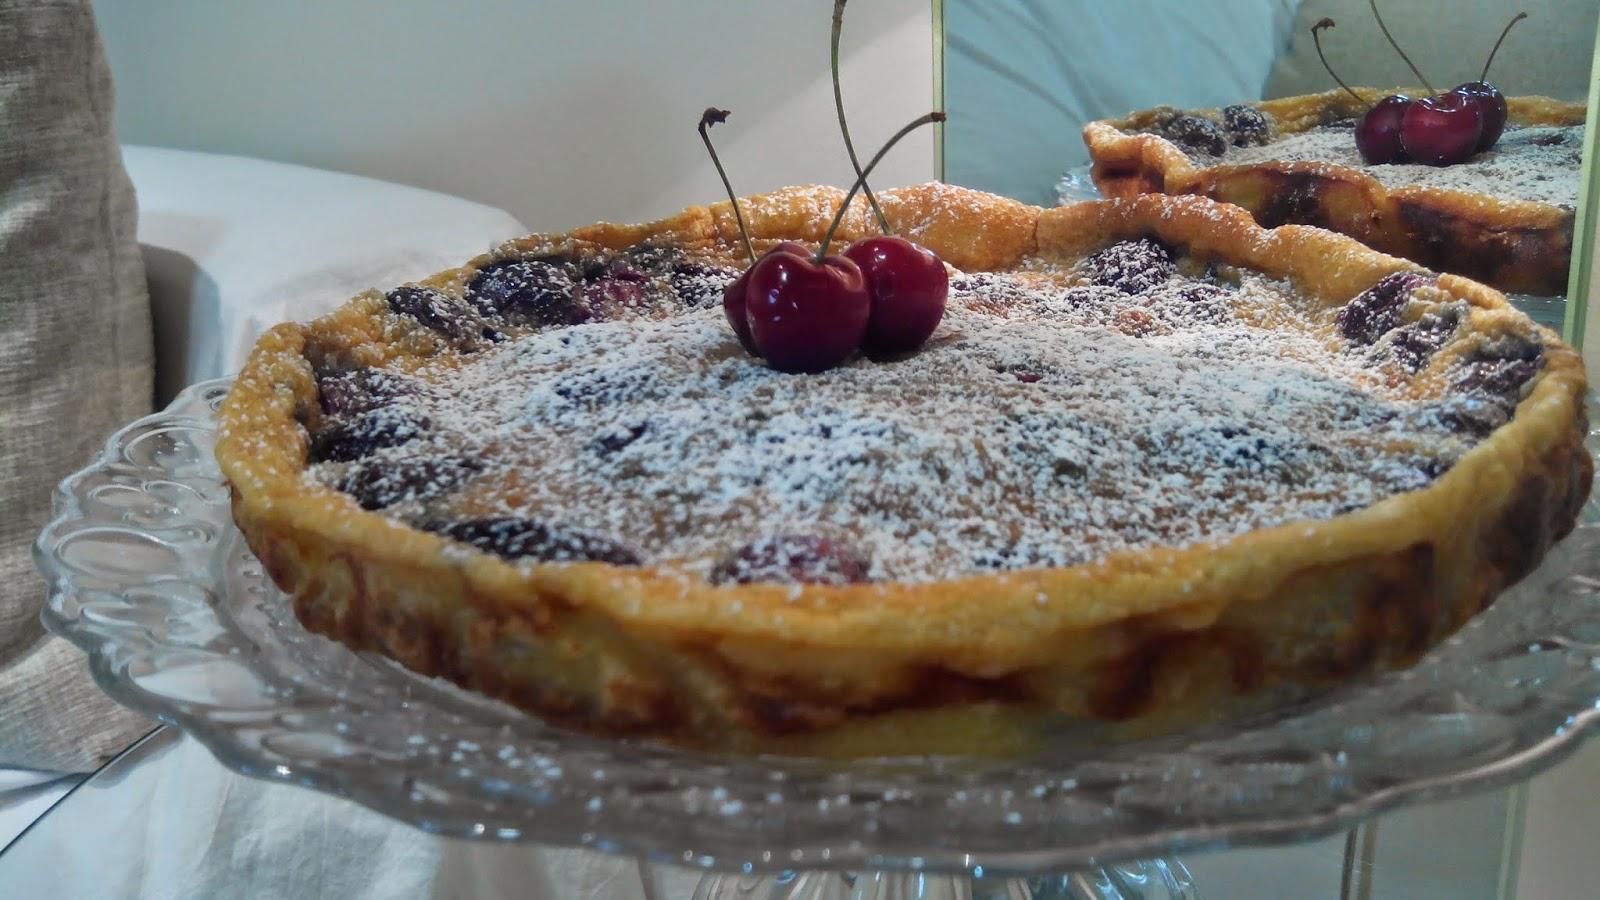 Tarta de cerezas, pastel de cerezas, clafoutis de cerezas, tarta, cerezas, tarta de fruta